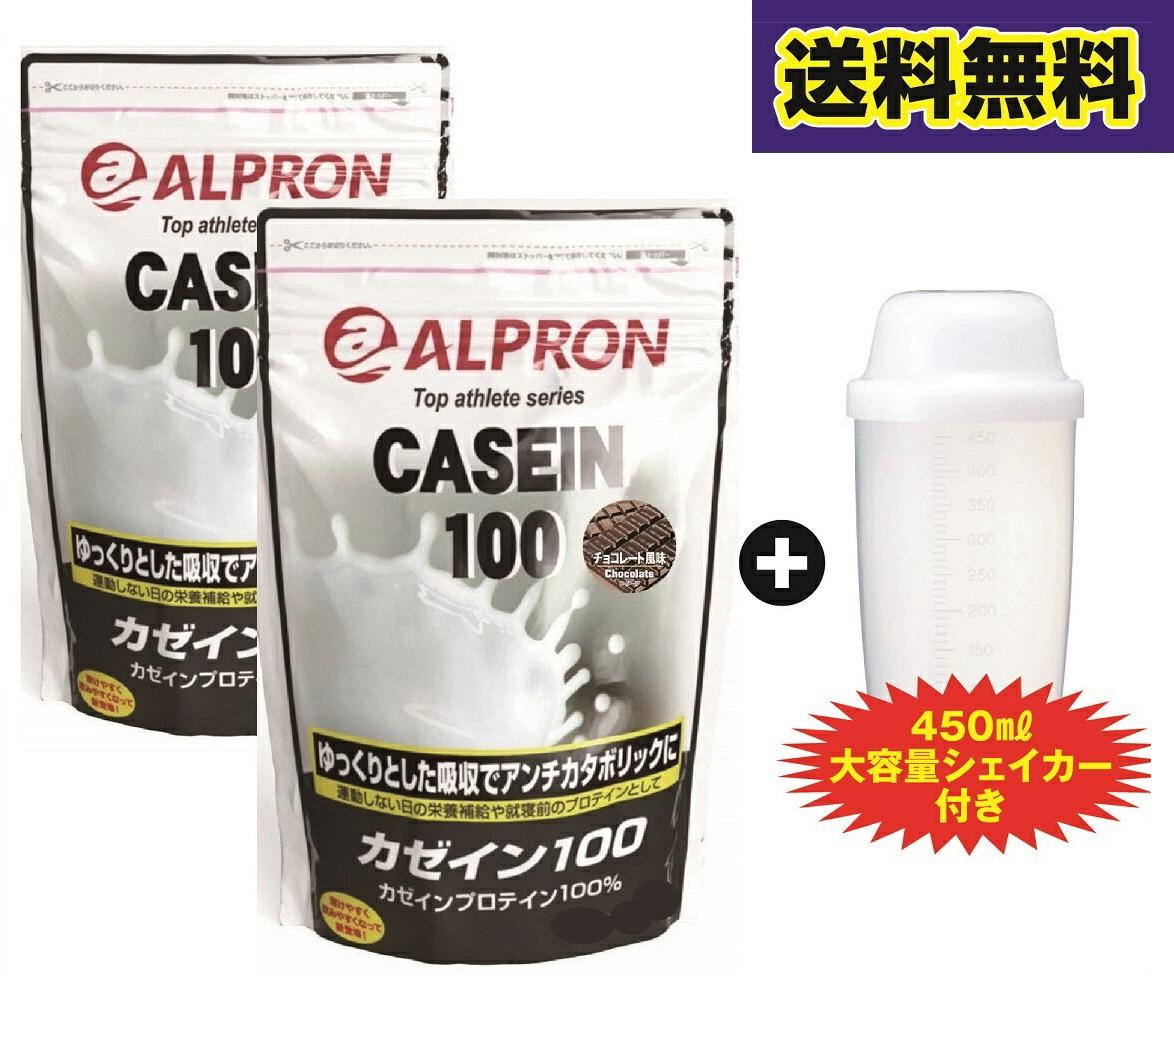 【2袋・シェイカー付】 【送料無料】アルプロン -ALPRON- カゼイン プロテイン100 チョコレート (1kg・1キロ)